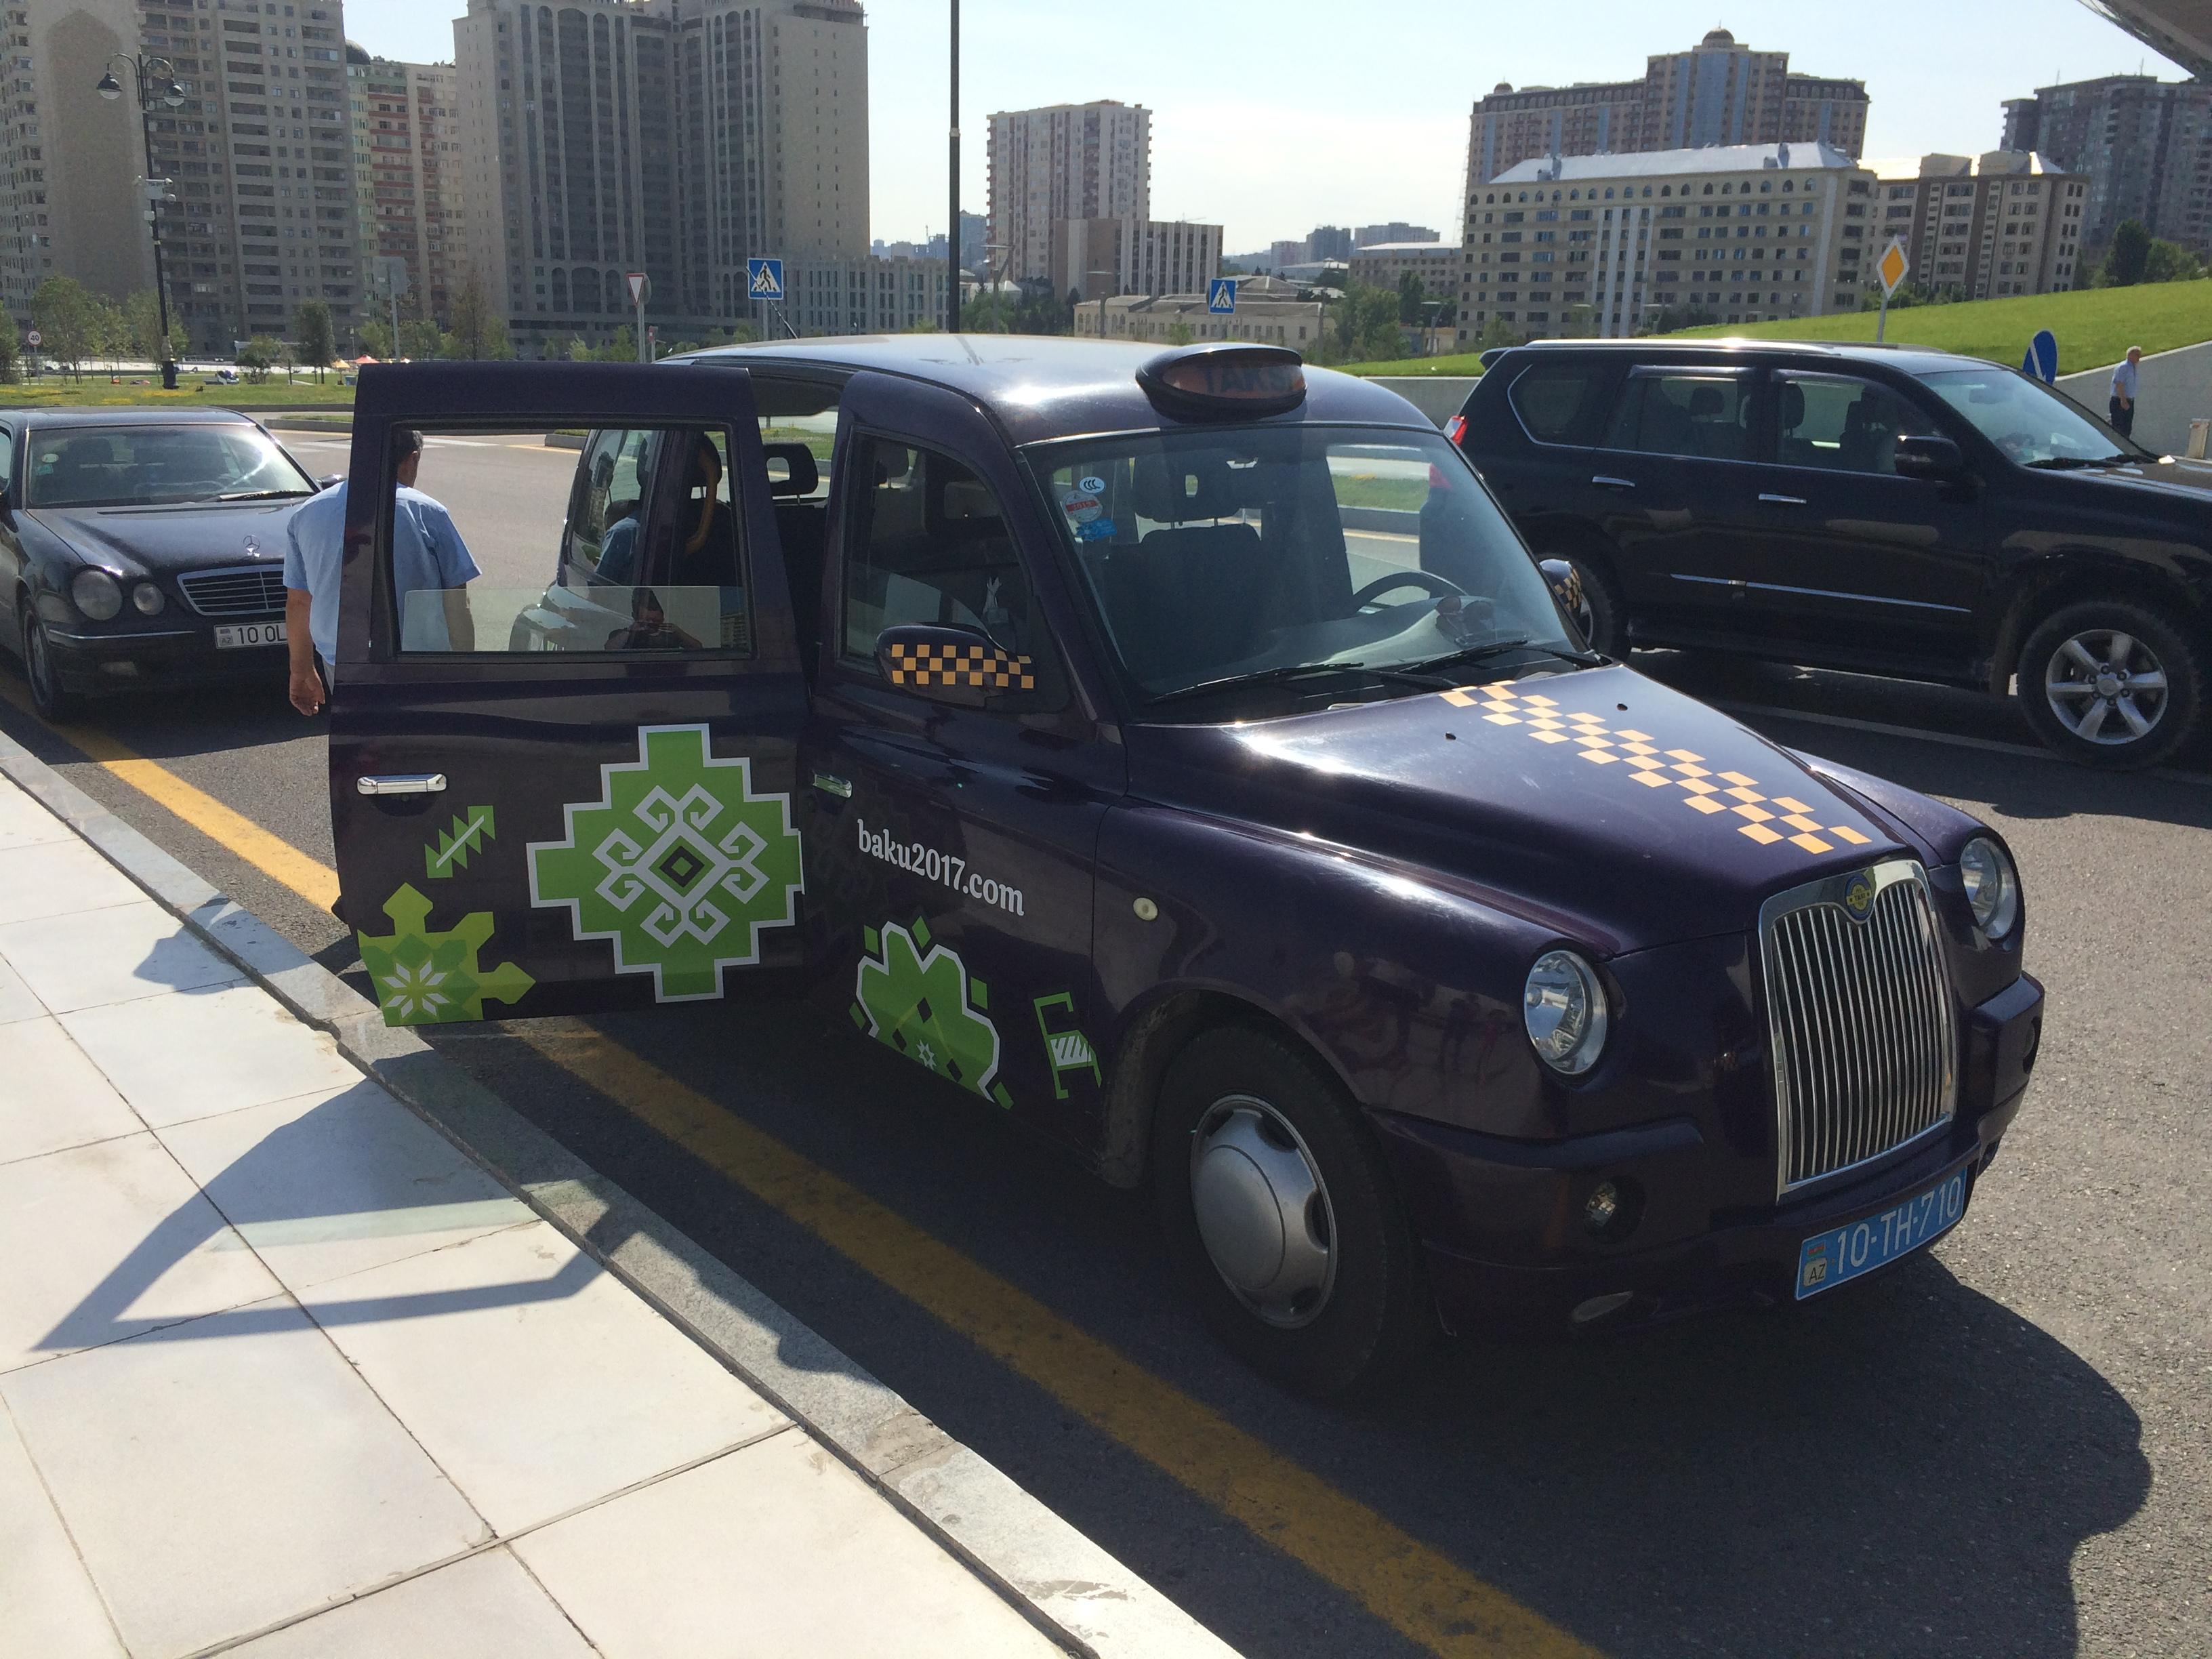 Баклажанові таксі Баку